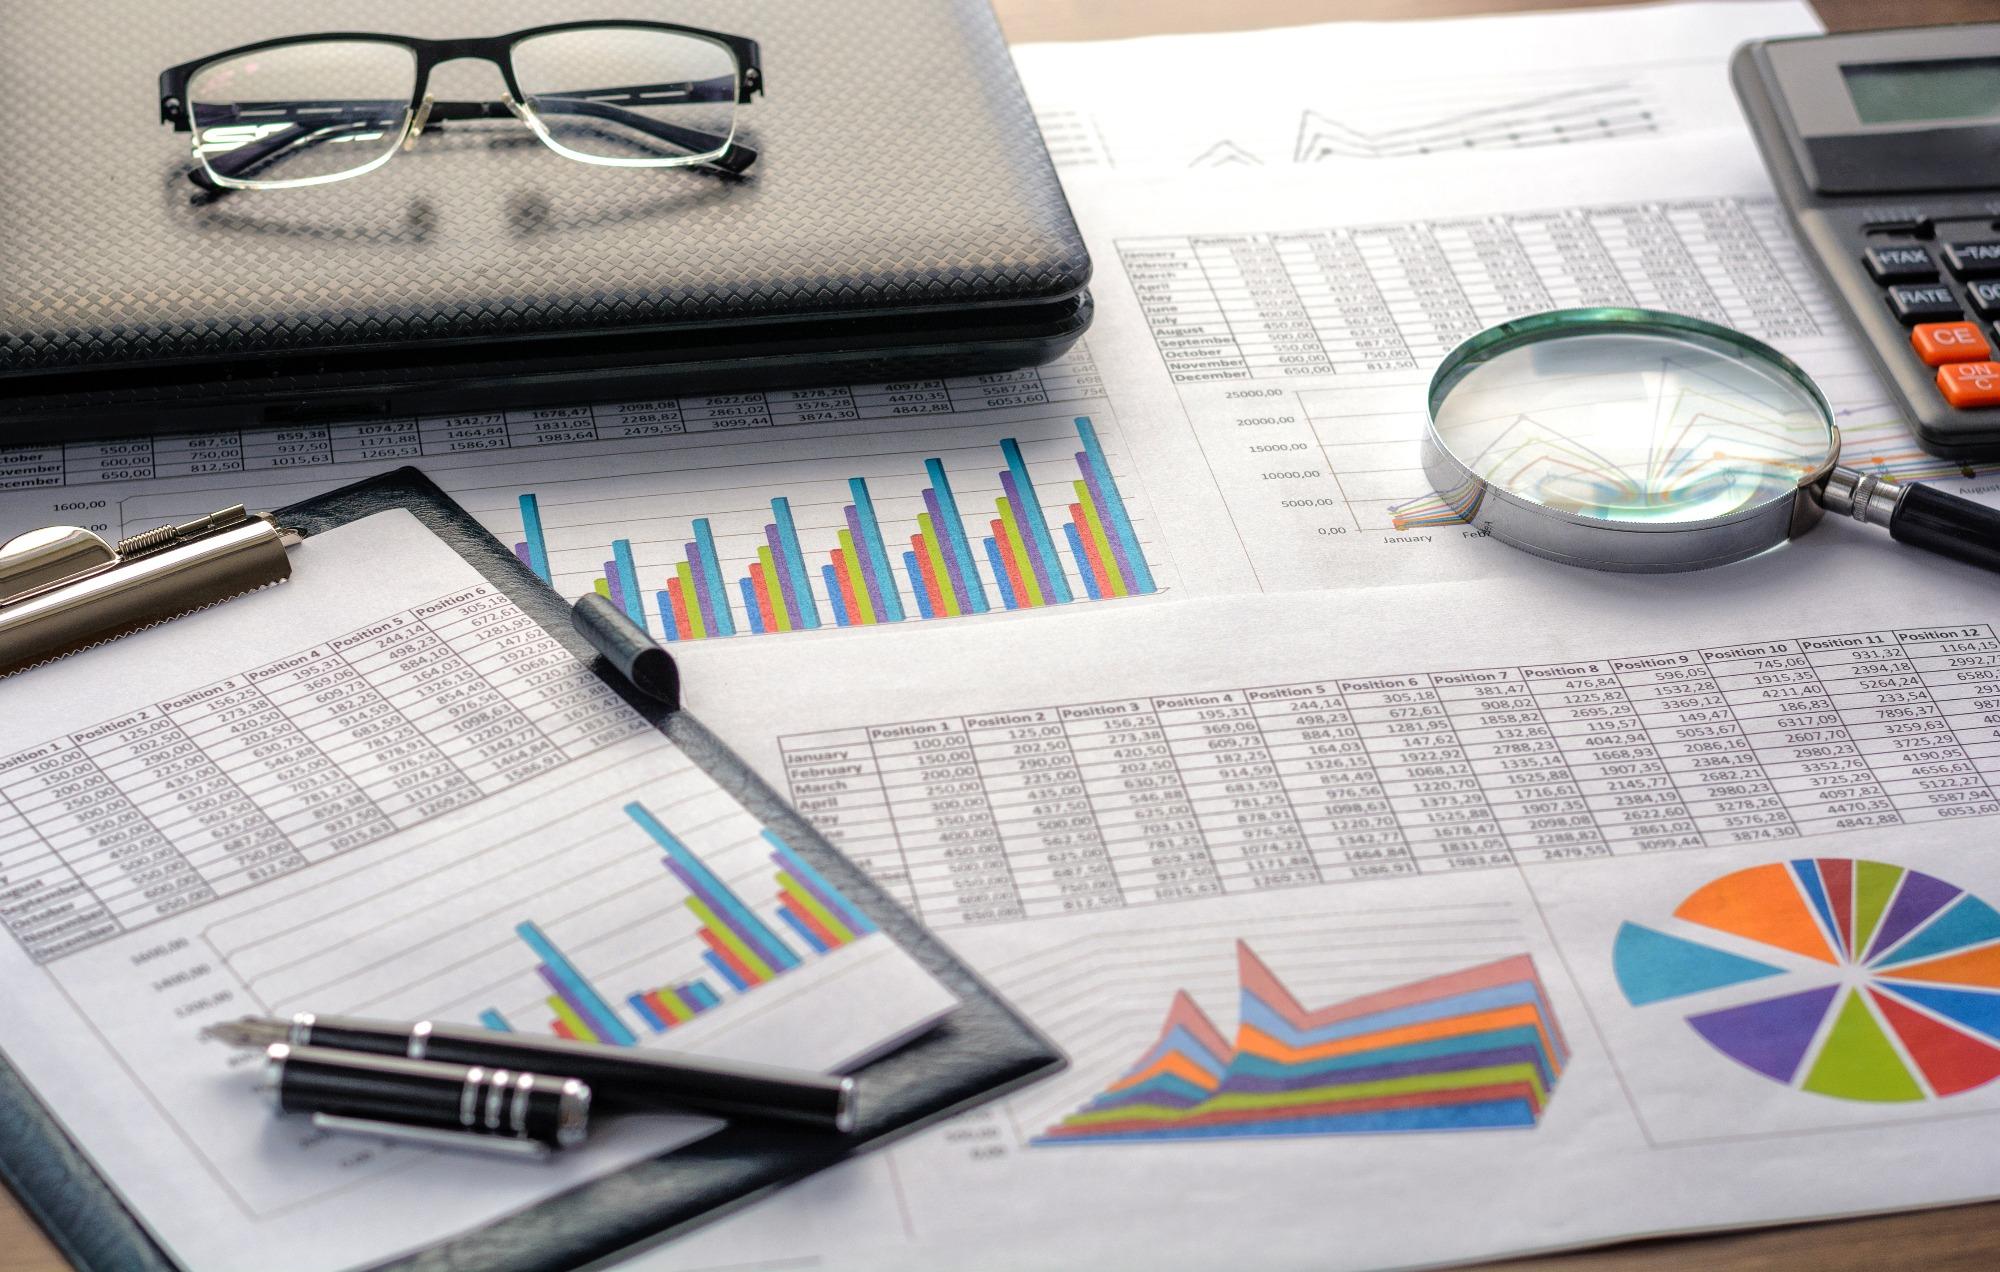 Feuilles de données faisant partie d'une étude qualitative